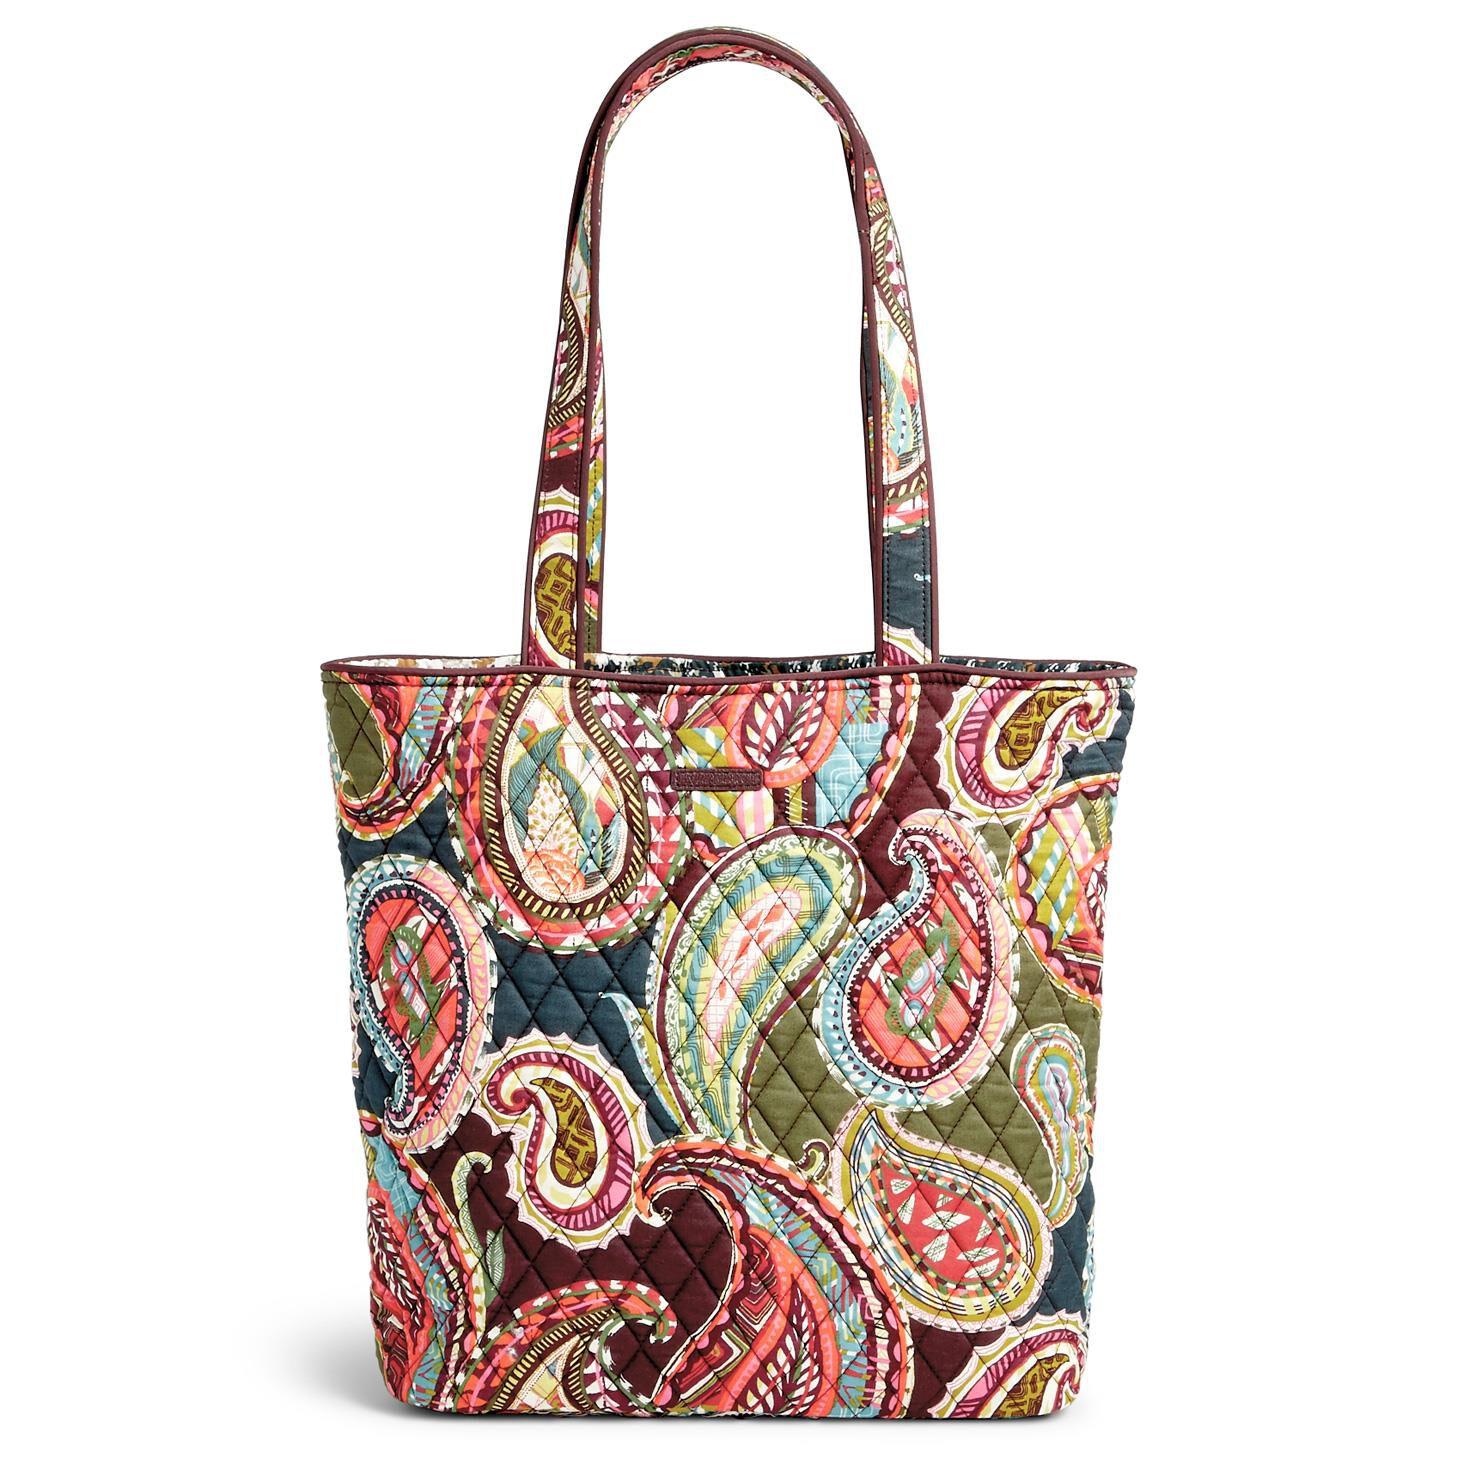 Vera Bradley Tote Bag in Heirloom Paisley - Handbags & Purses - Hallmark